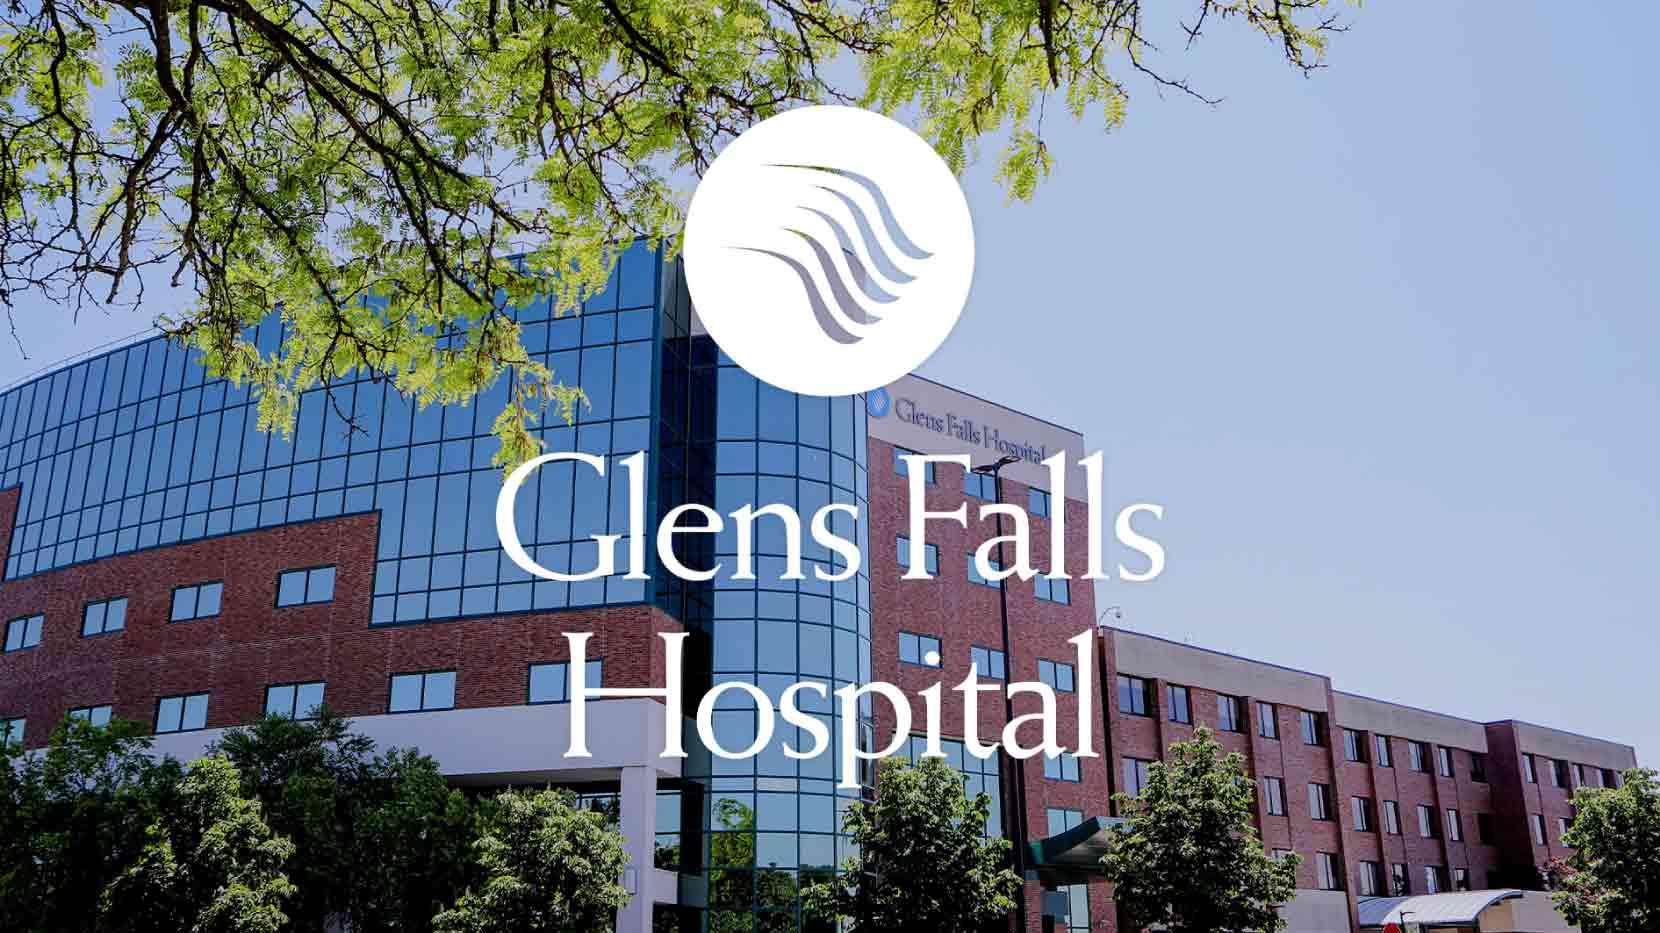 Glens Falls logo